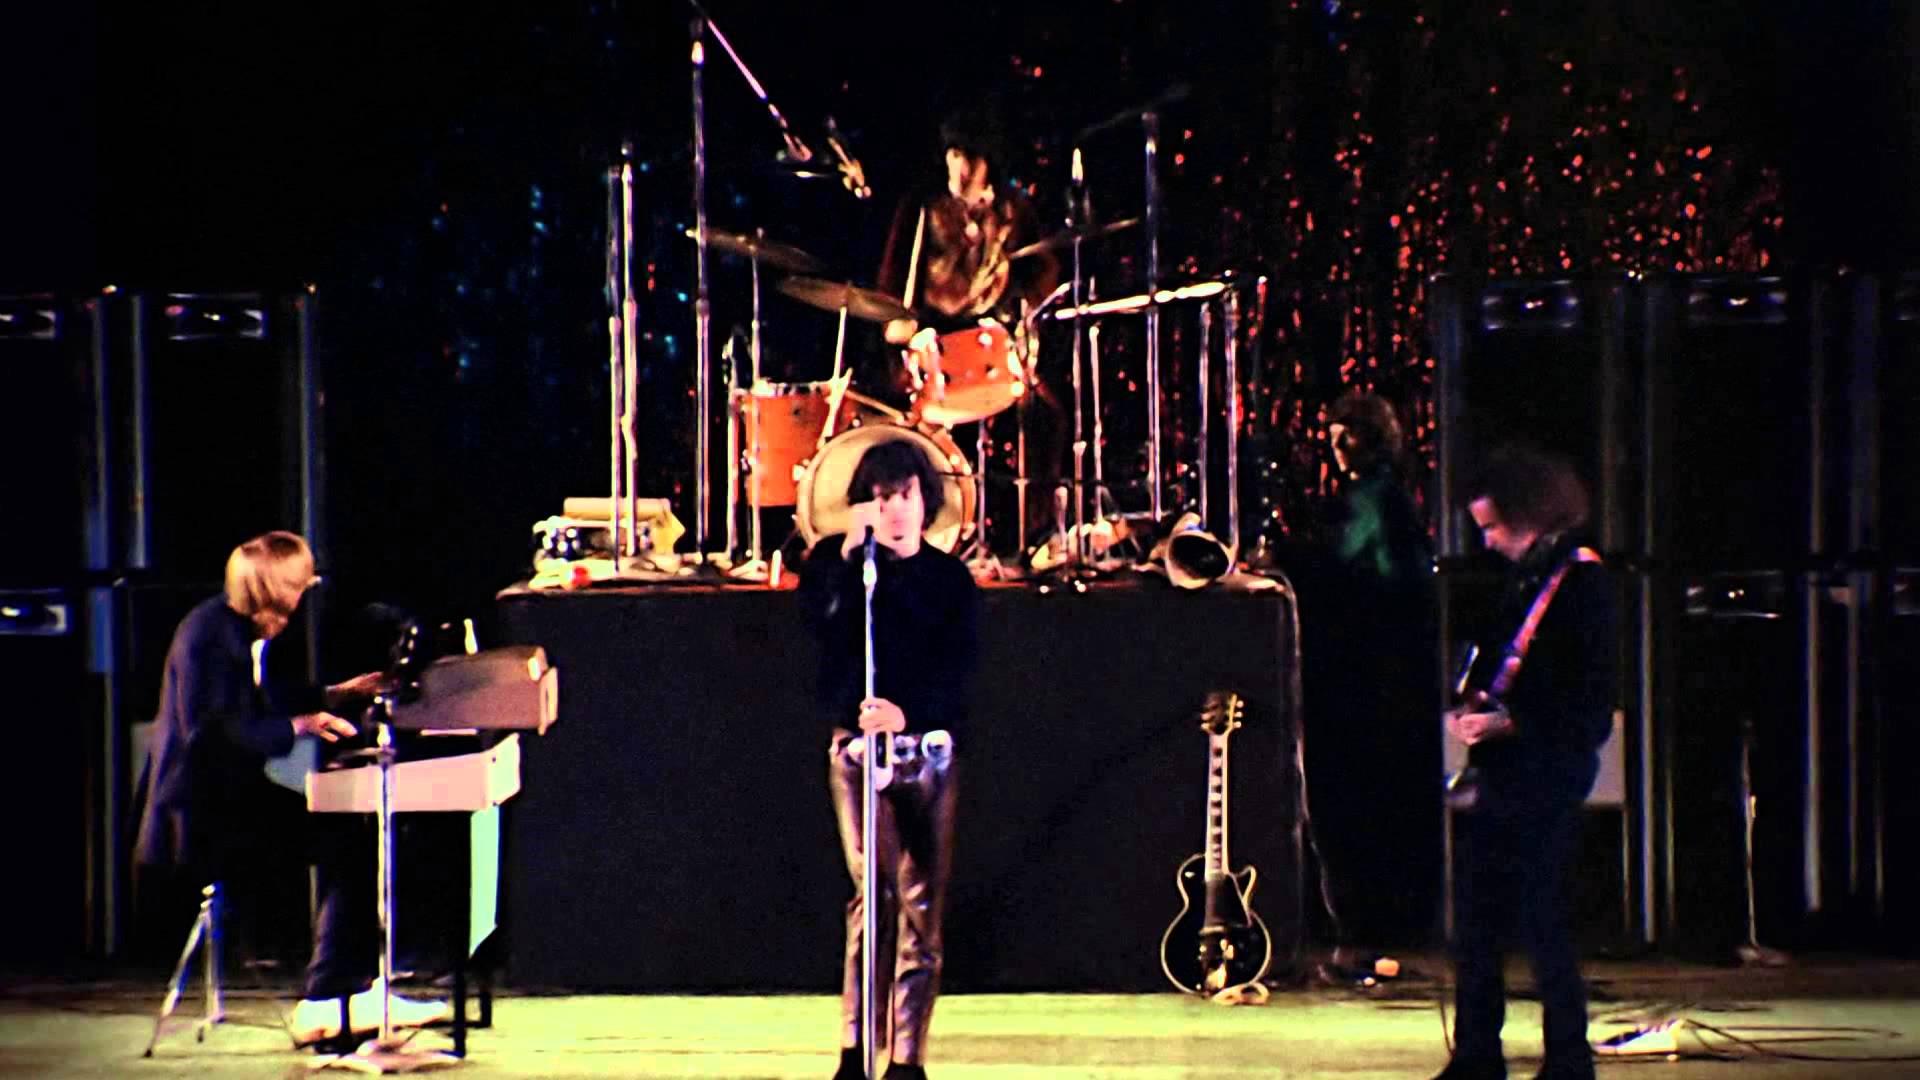 The Doors em 1968, no Hollywood Bowl. As famosas calças de couro de Jim Morrison o tornaram rapidamente um sex symbol entre as garotas californianas, e por que não, no mundo